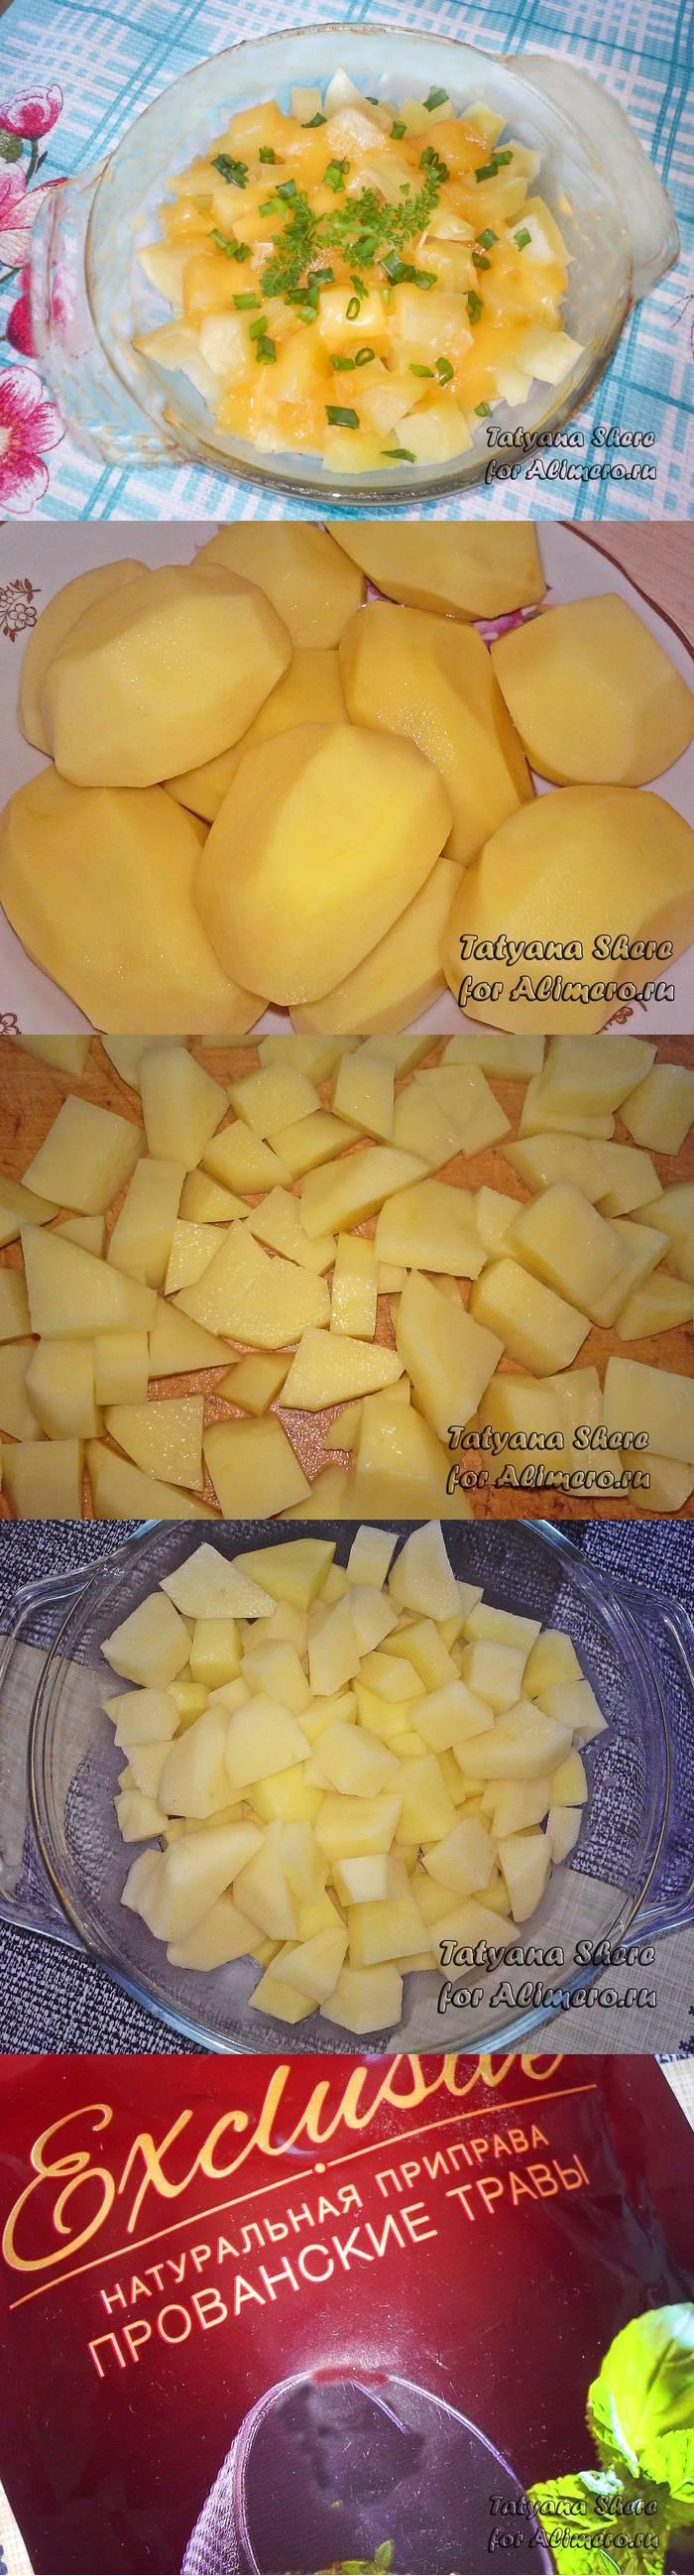 Запеченный картофель в молоке